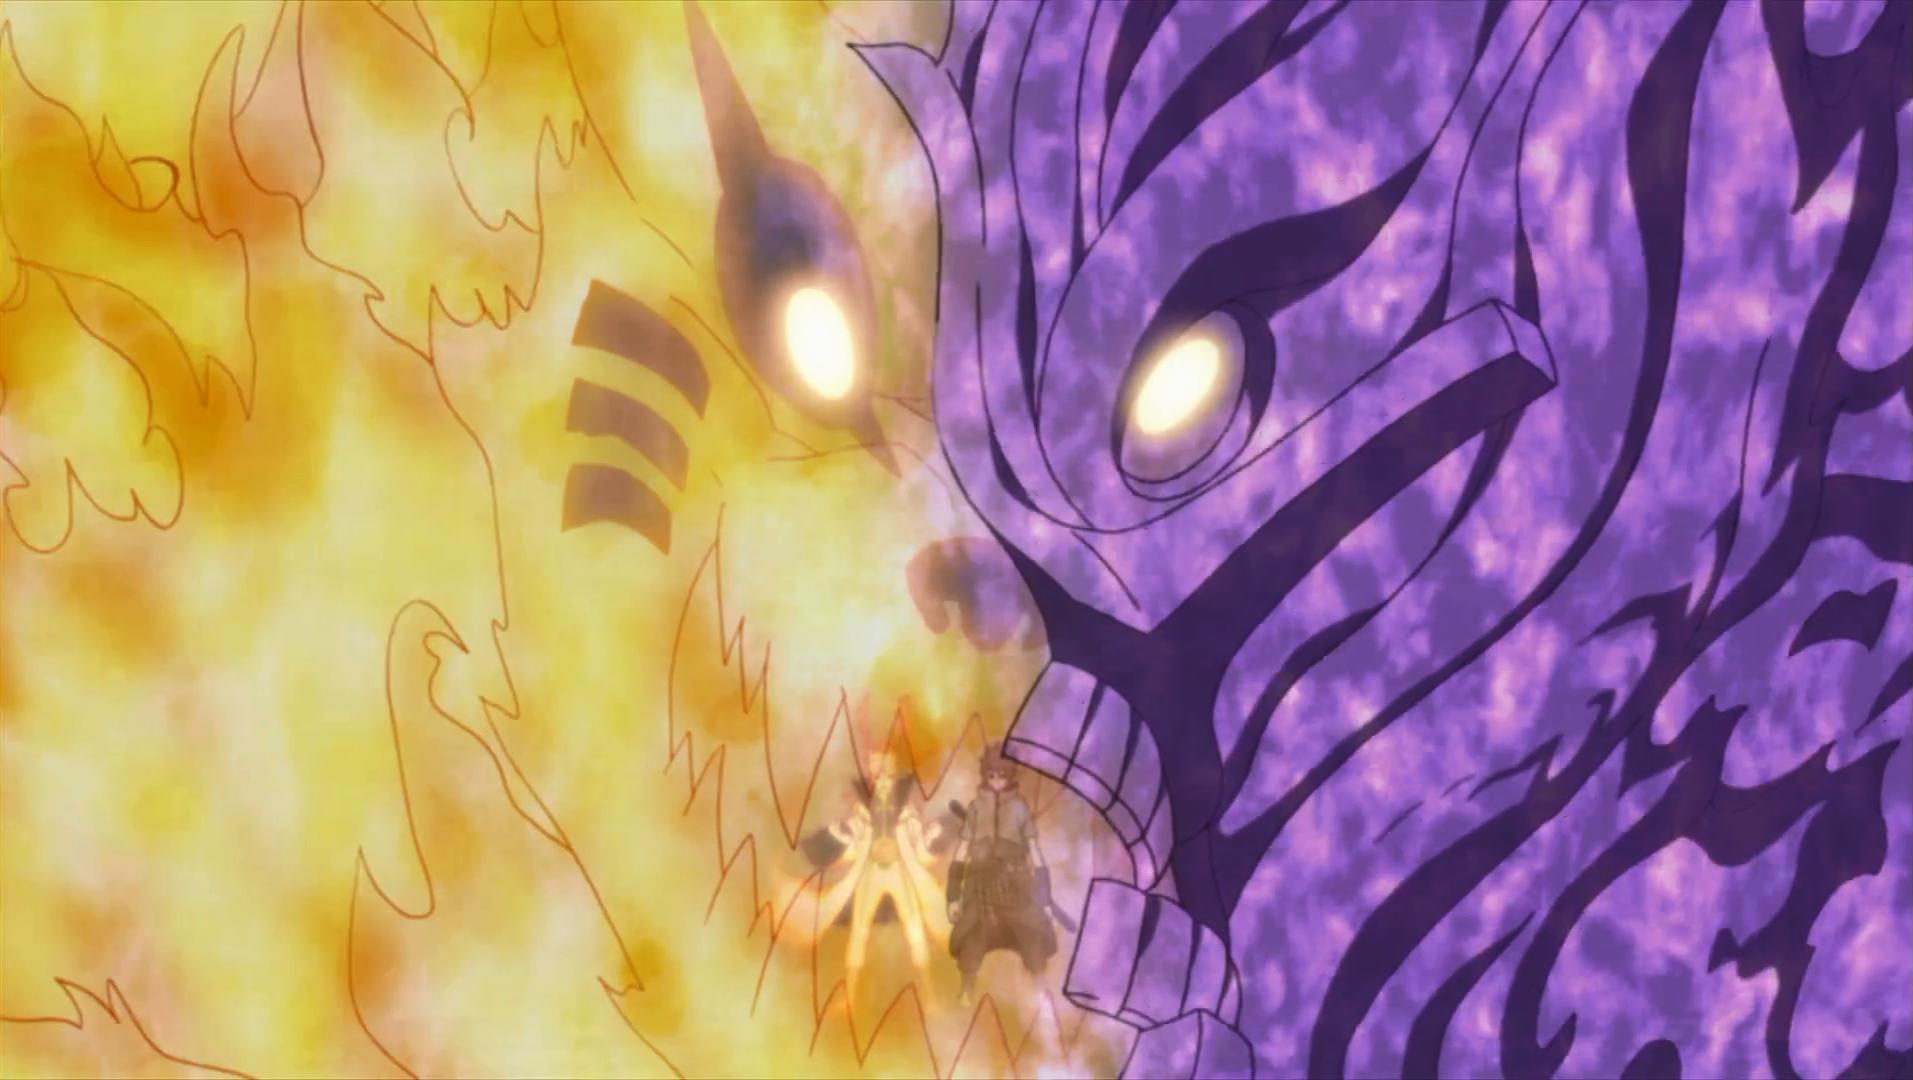 Sage Mode Naruto vs Mangekyo Sasuke : whowouldwin